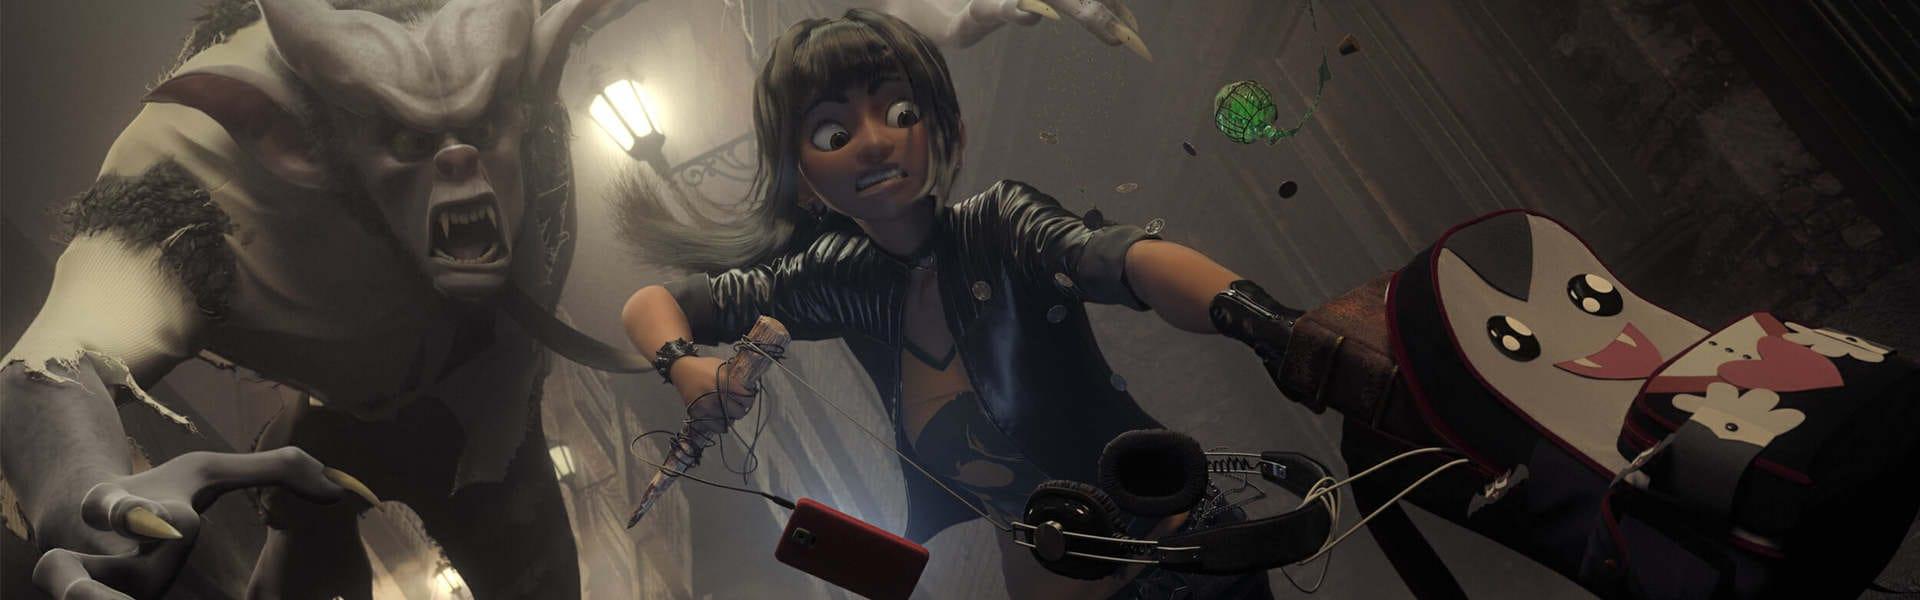 V-Ray for Blender Vampire Hunter